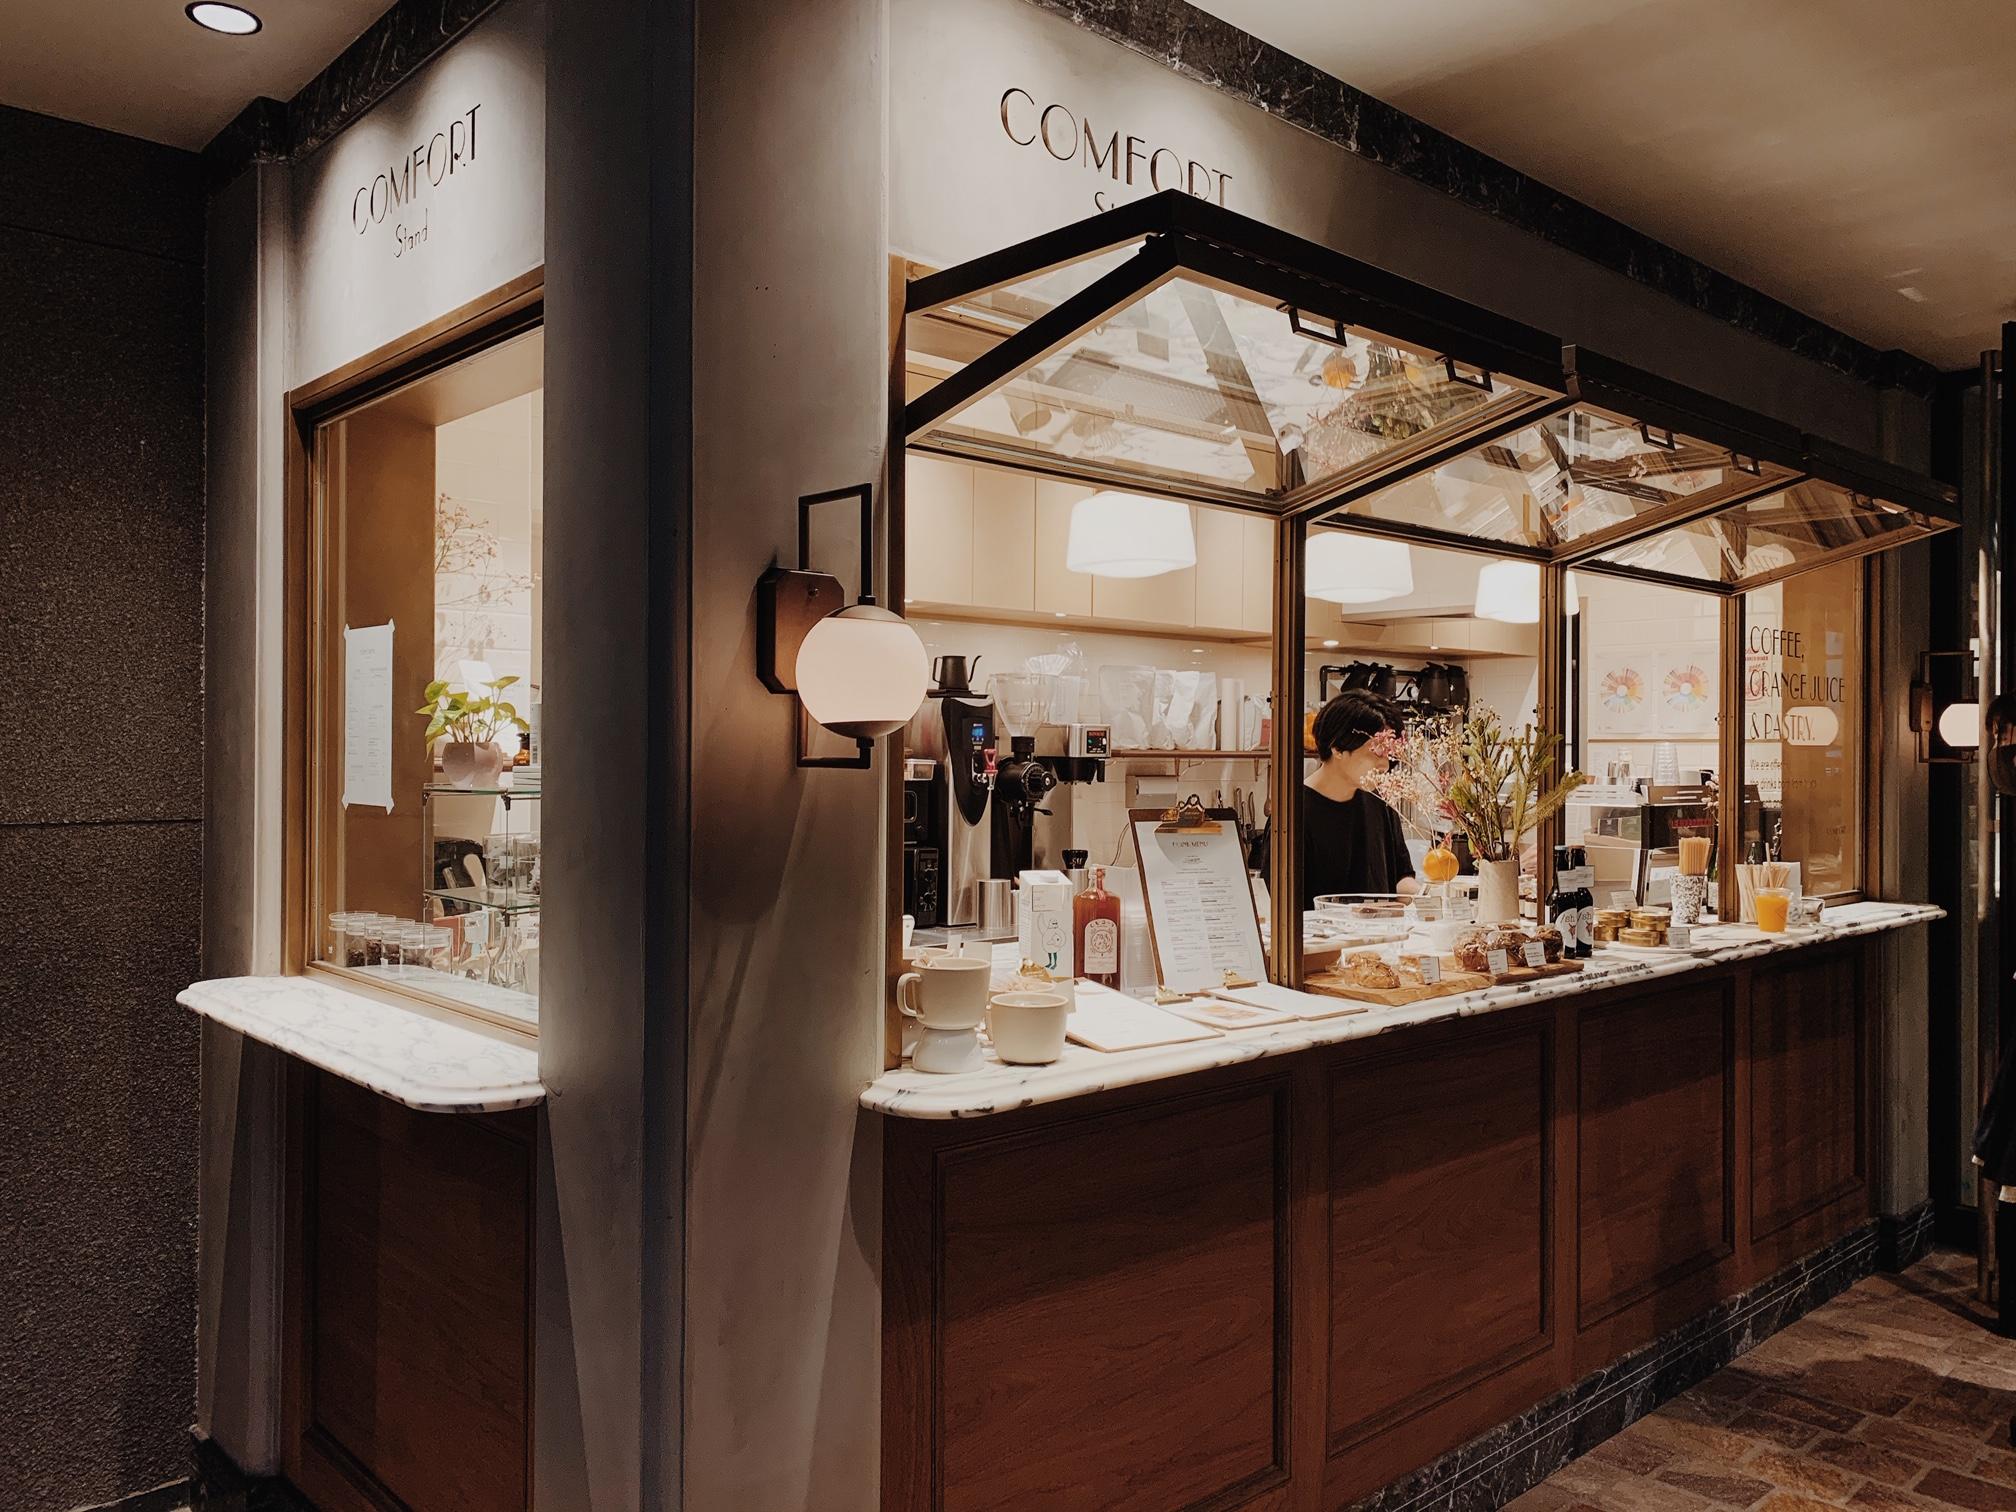 【おすすめカフェ】《オレンジ香るカフェモカ×オーツミルク》でヘルシーに♡_3